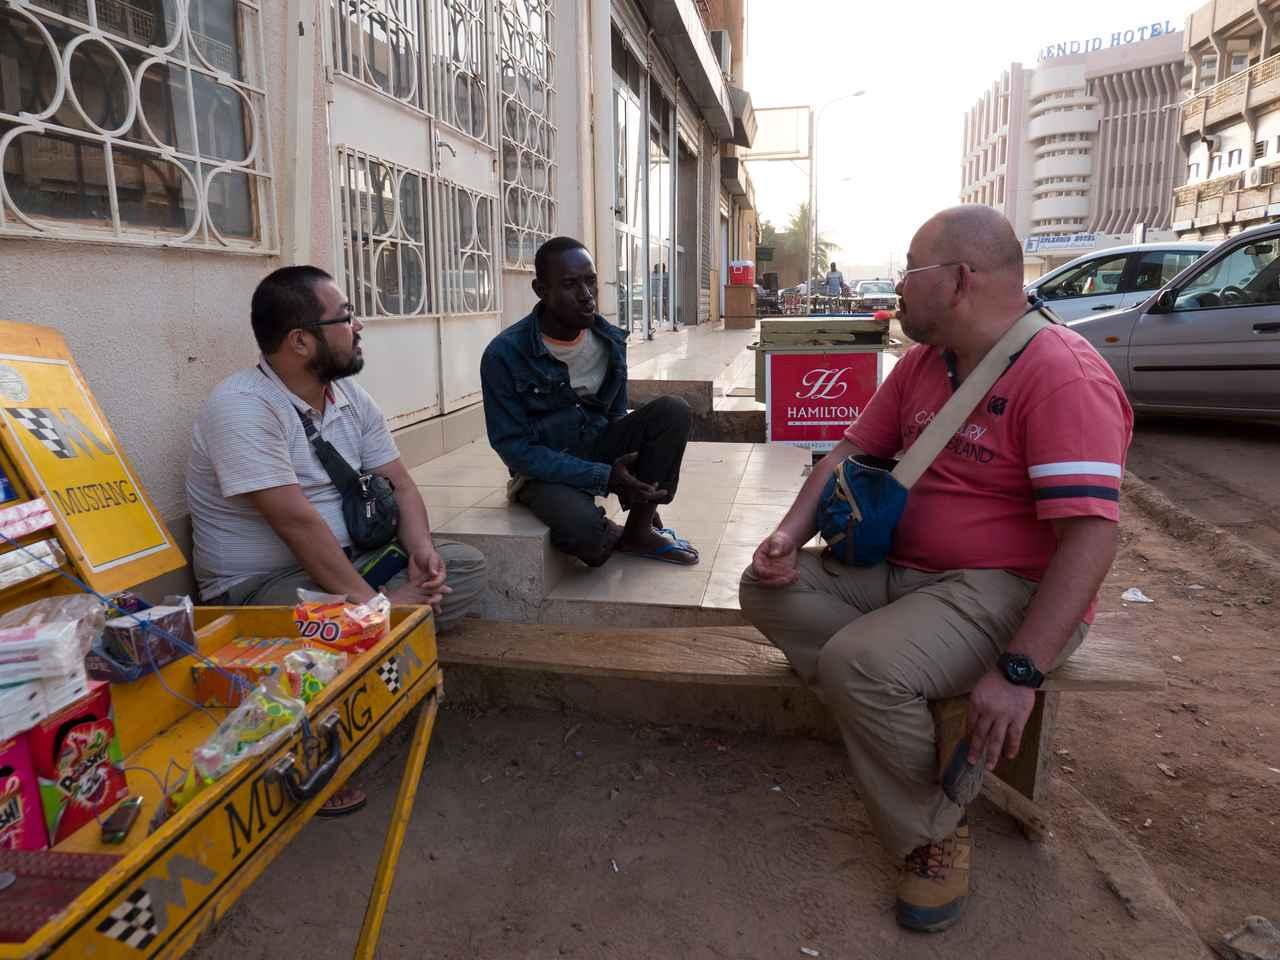 画像: 街角で談笑、真ん中は清水さんの調査のお手伝いをしている英語も話せるラミンさん